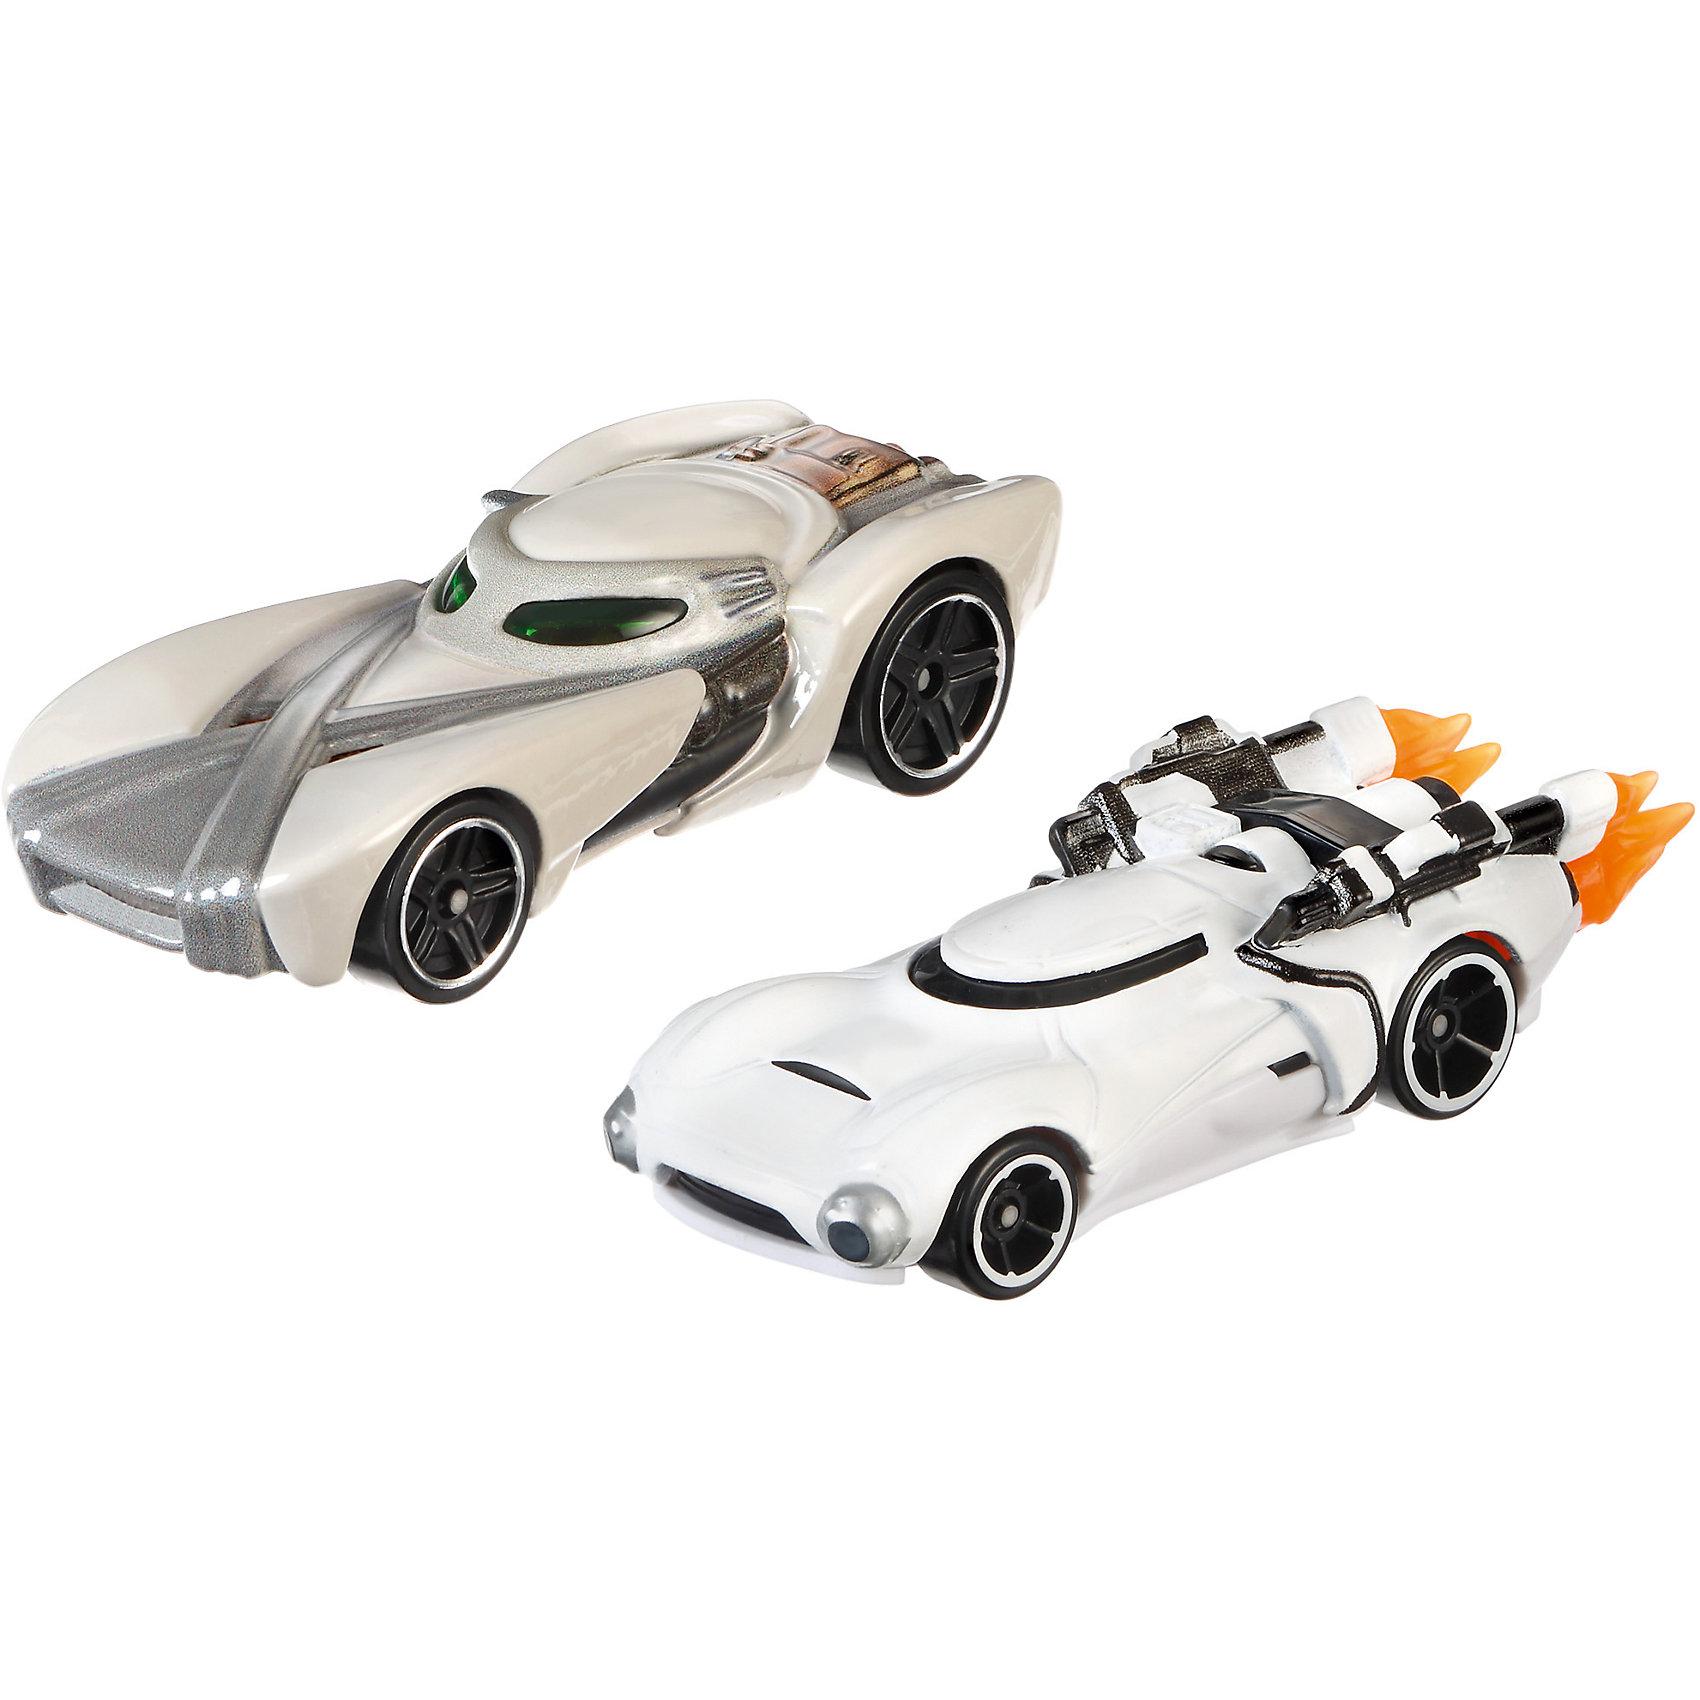 Набор из 2-х машинок Звездные войны, Hot WheelsЗвездные войны Игрушки<br>Базовые машинки Star Wars, Hot Wheels (Хот Вилс) – этот набор порадует юного автолюбителя и поклонника межгалактических приключений. В этом наборе от Хот Вилс любимые миллионами персонажи «Звездных войн» робот C-3PO и астродроид R2D2 предстают в виде машинок. Несмотря на то, что их внешний вид в фильмах нисколько не походил на машины, каждый персонаж прекрасно узнаваем по цветам и характерным деталям, которые перешли от героев в дизайн автомобилей. Машинки понравятся поклонникам всех возрастов: соберите полную коллекцию и устраивайте гонки по всей галактике!  <br><br>Дополнительная информация:  <br>- В комплекте: 2 машины <br>- Масштаб: 1:64 <br>- Материал: пластик, металл <br>- Упаковка: блистер на картоне <br>- Размер упаковки: 20,3 x 6,4 x 16,5 см.  <br><br>Базовые машинки Star Wars, Hot Wheels (Хот Вилс) можно купить в нашем интернет-магазине.<br><br>Ширина мм: 65<br>Глубина мм: 205<br>Высота мм: 165<br>Вес г: 166<br>Возраст от месяцев: 48<br>Возраст до месяцев: 120<br>Пол: Мужской<br>Возраст: Детский<br>SKU: 4983084